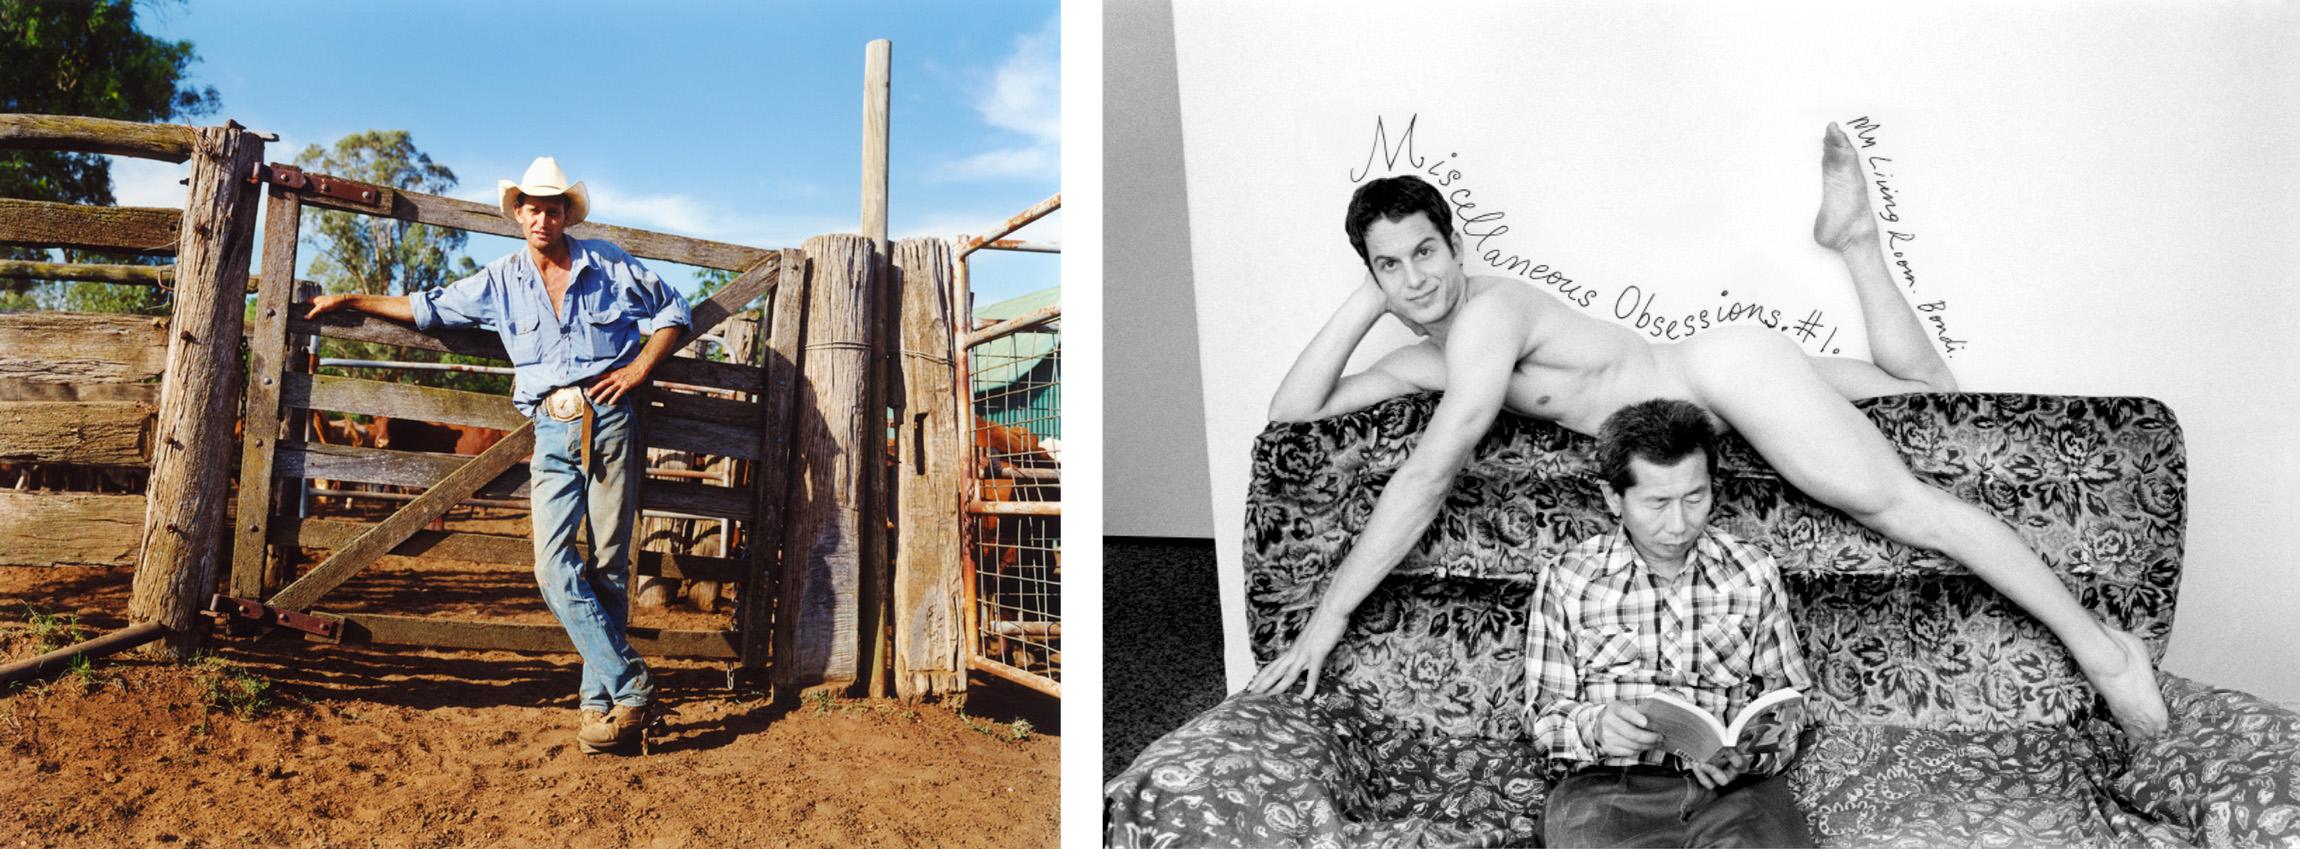 iris, irismagazine, iris magazine, William Yang, Michael Corridore, Australian Photography